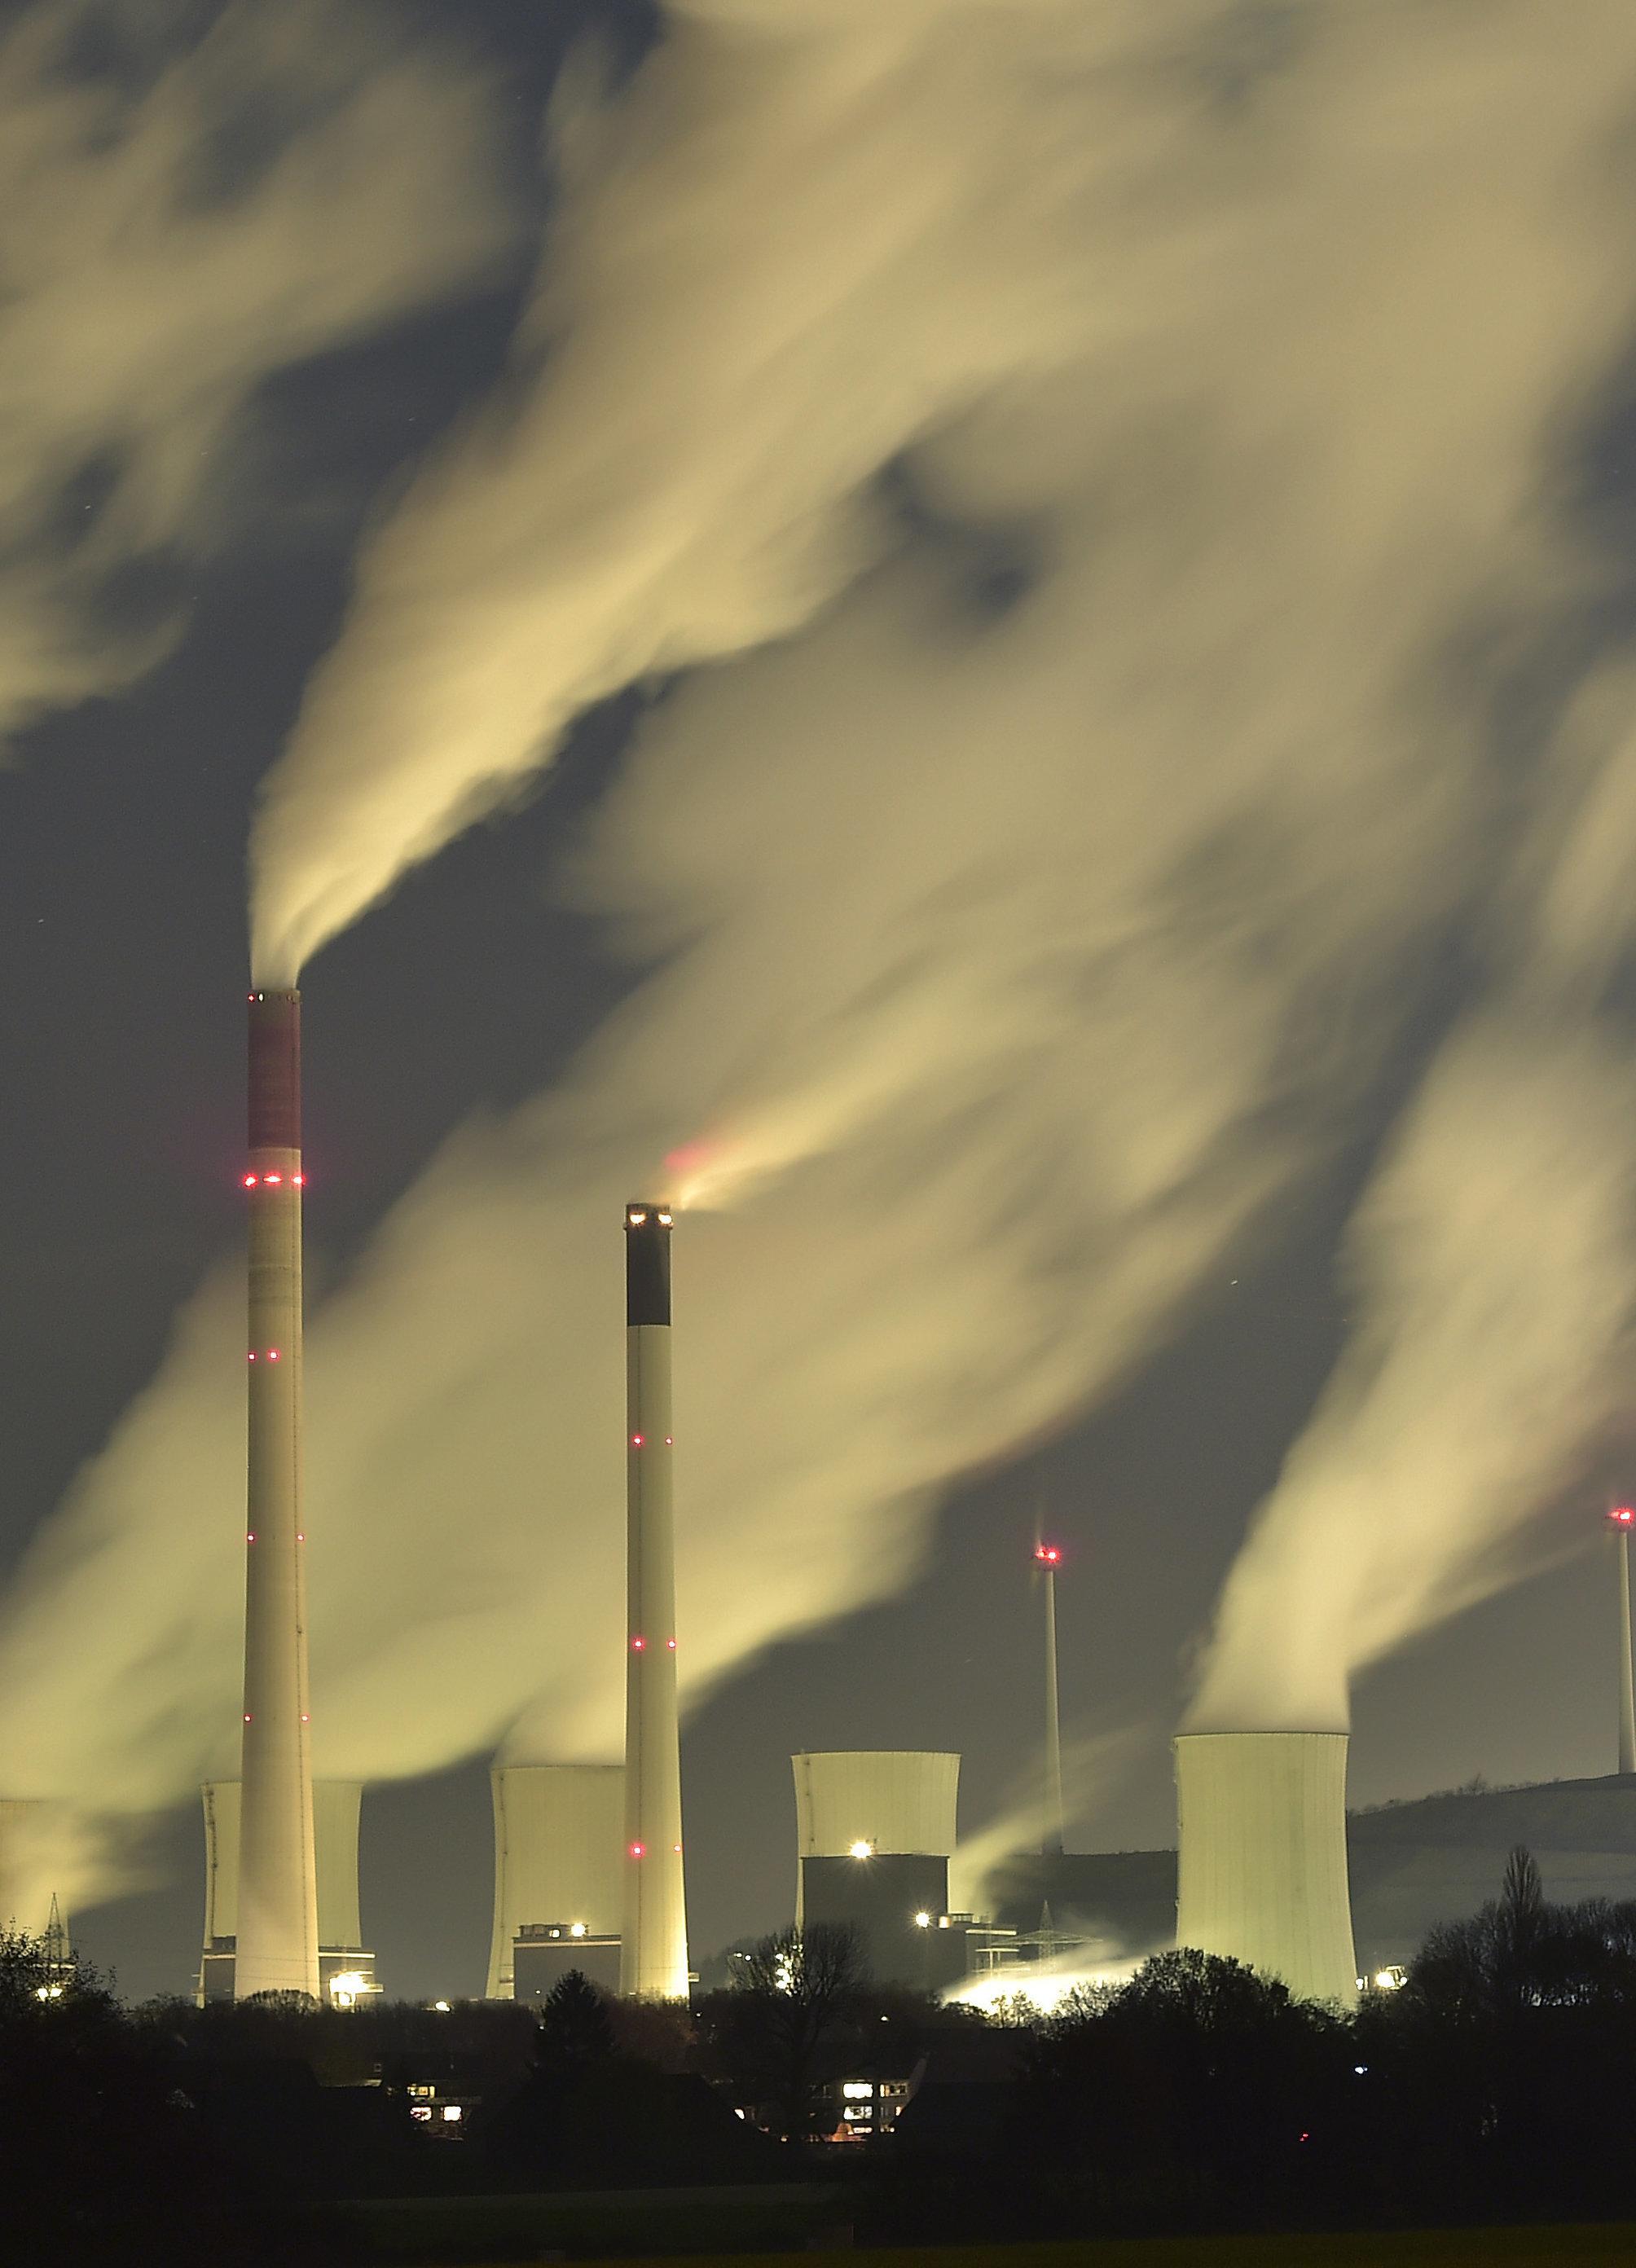 ΕΕ: Υψηλότατη και επικίνδυνη η ατμοσφαιρική ρύπανση στην Ευρώπη, παρά τις όποιες